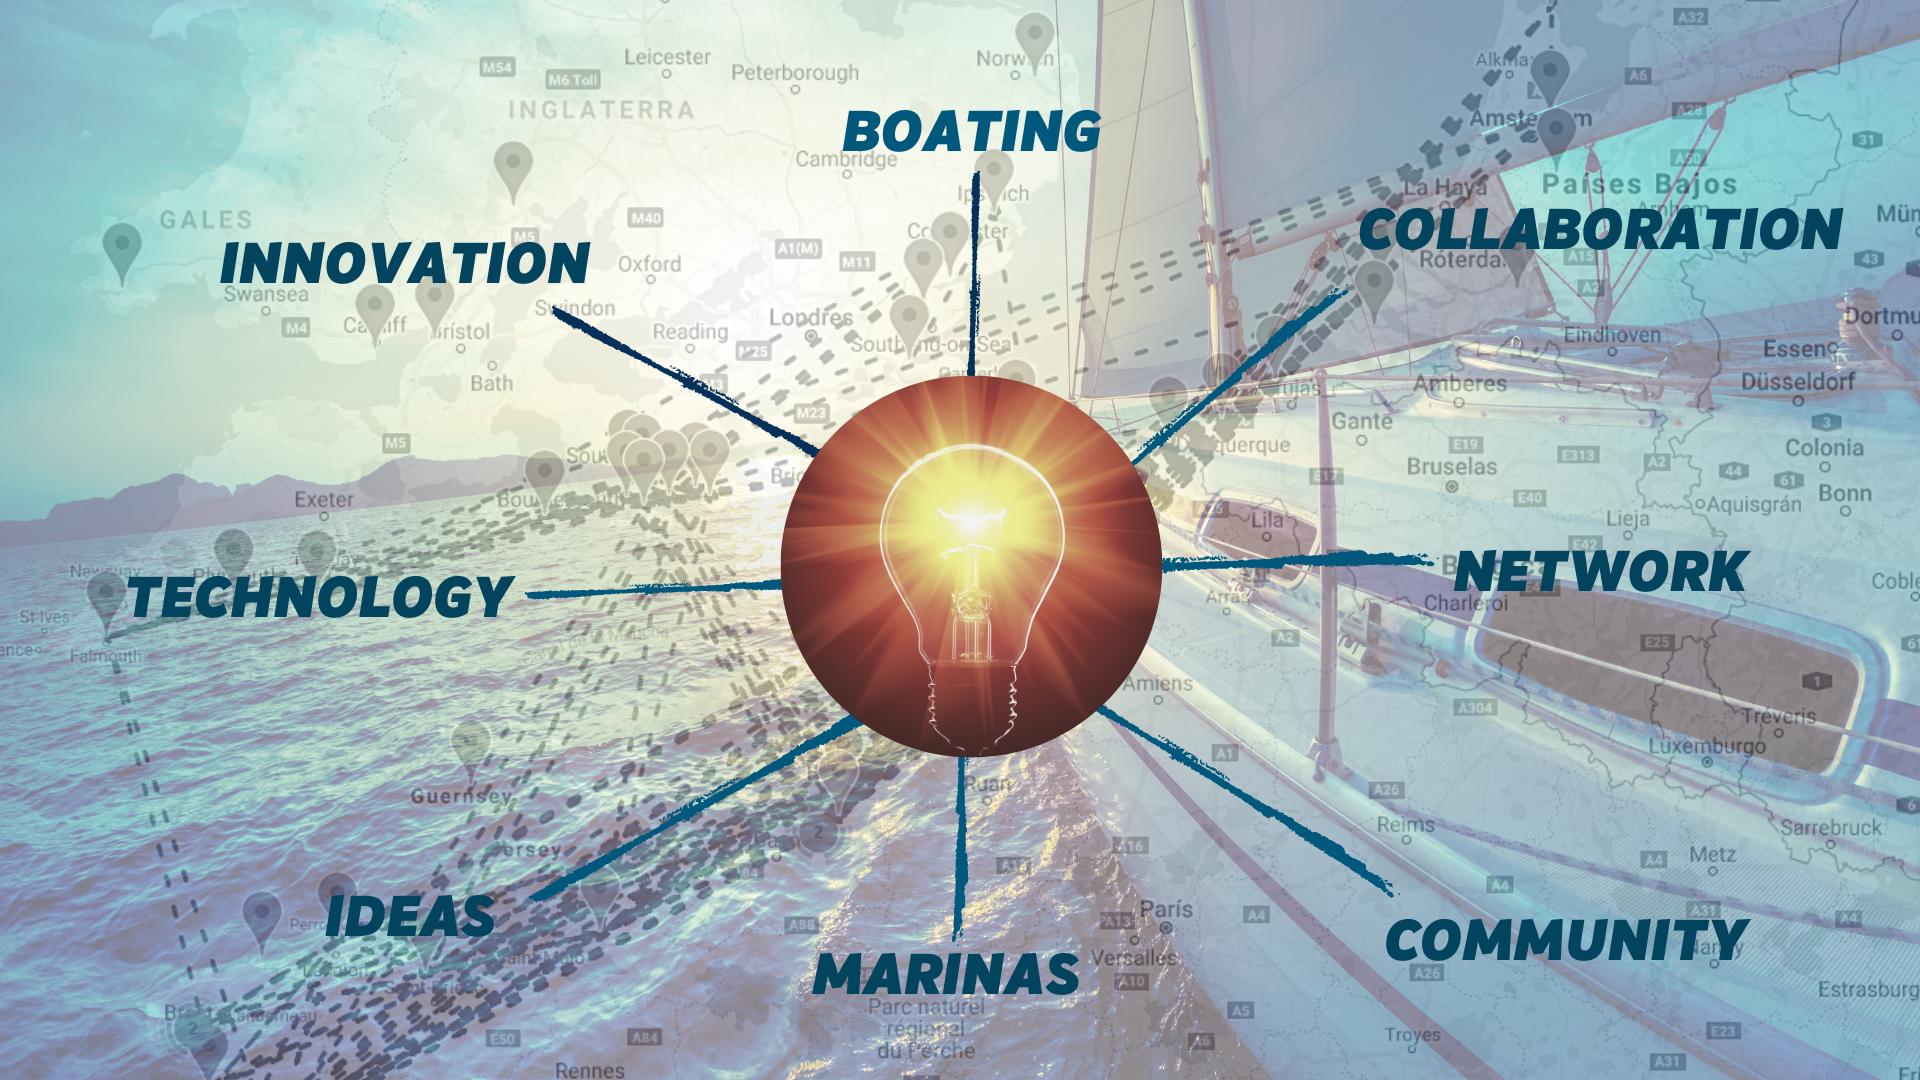 Steering Digital Innovation in Marina Networks